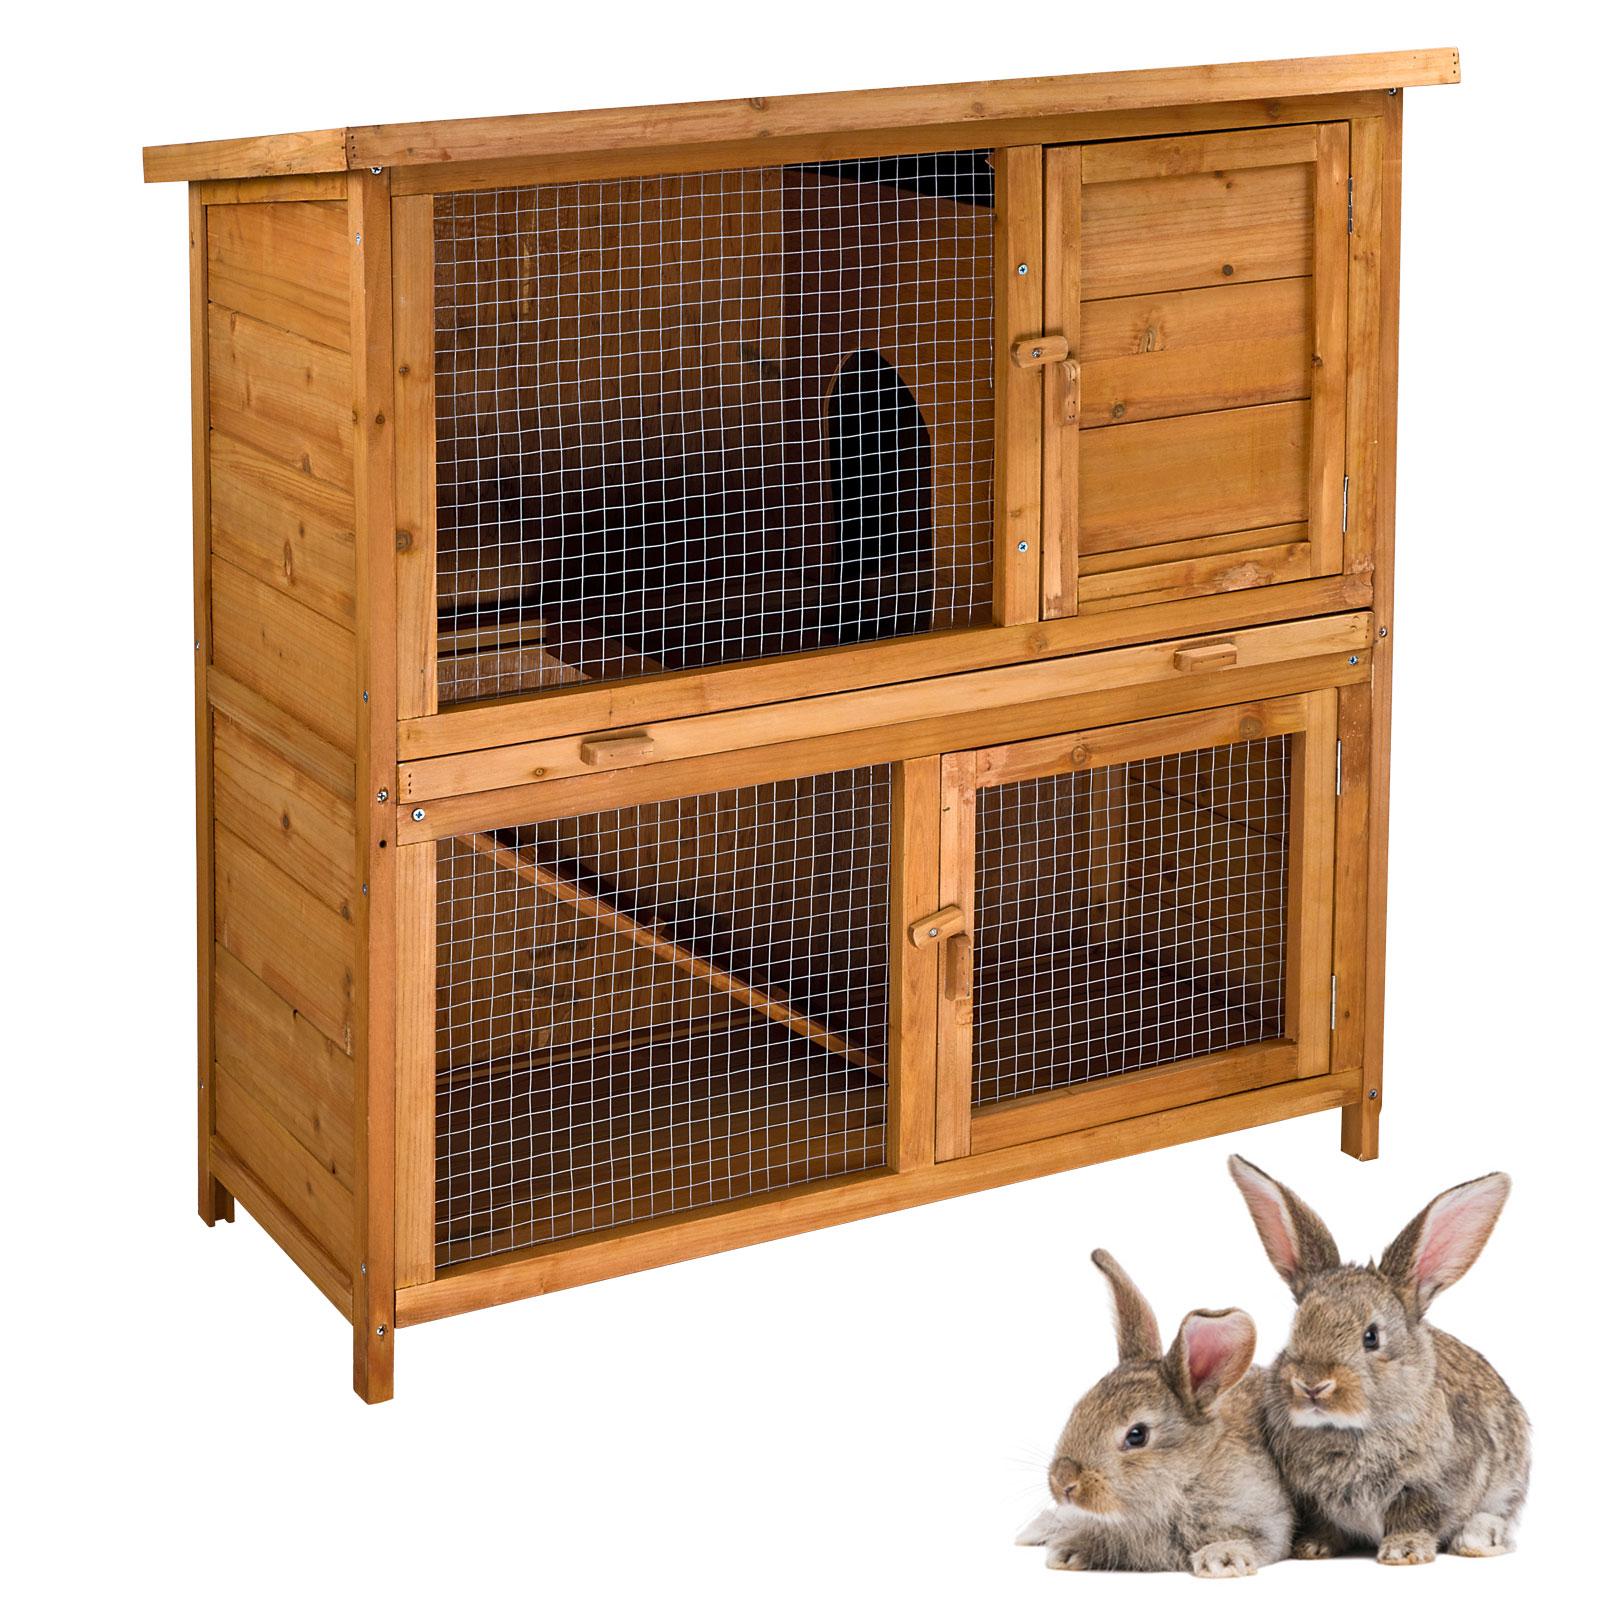 hasenstall kaninchenstall meerschweinchenstall 41228 ebay. Black Bedroom Furniture Sets. Home Design Ideas